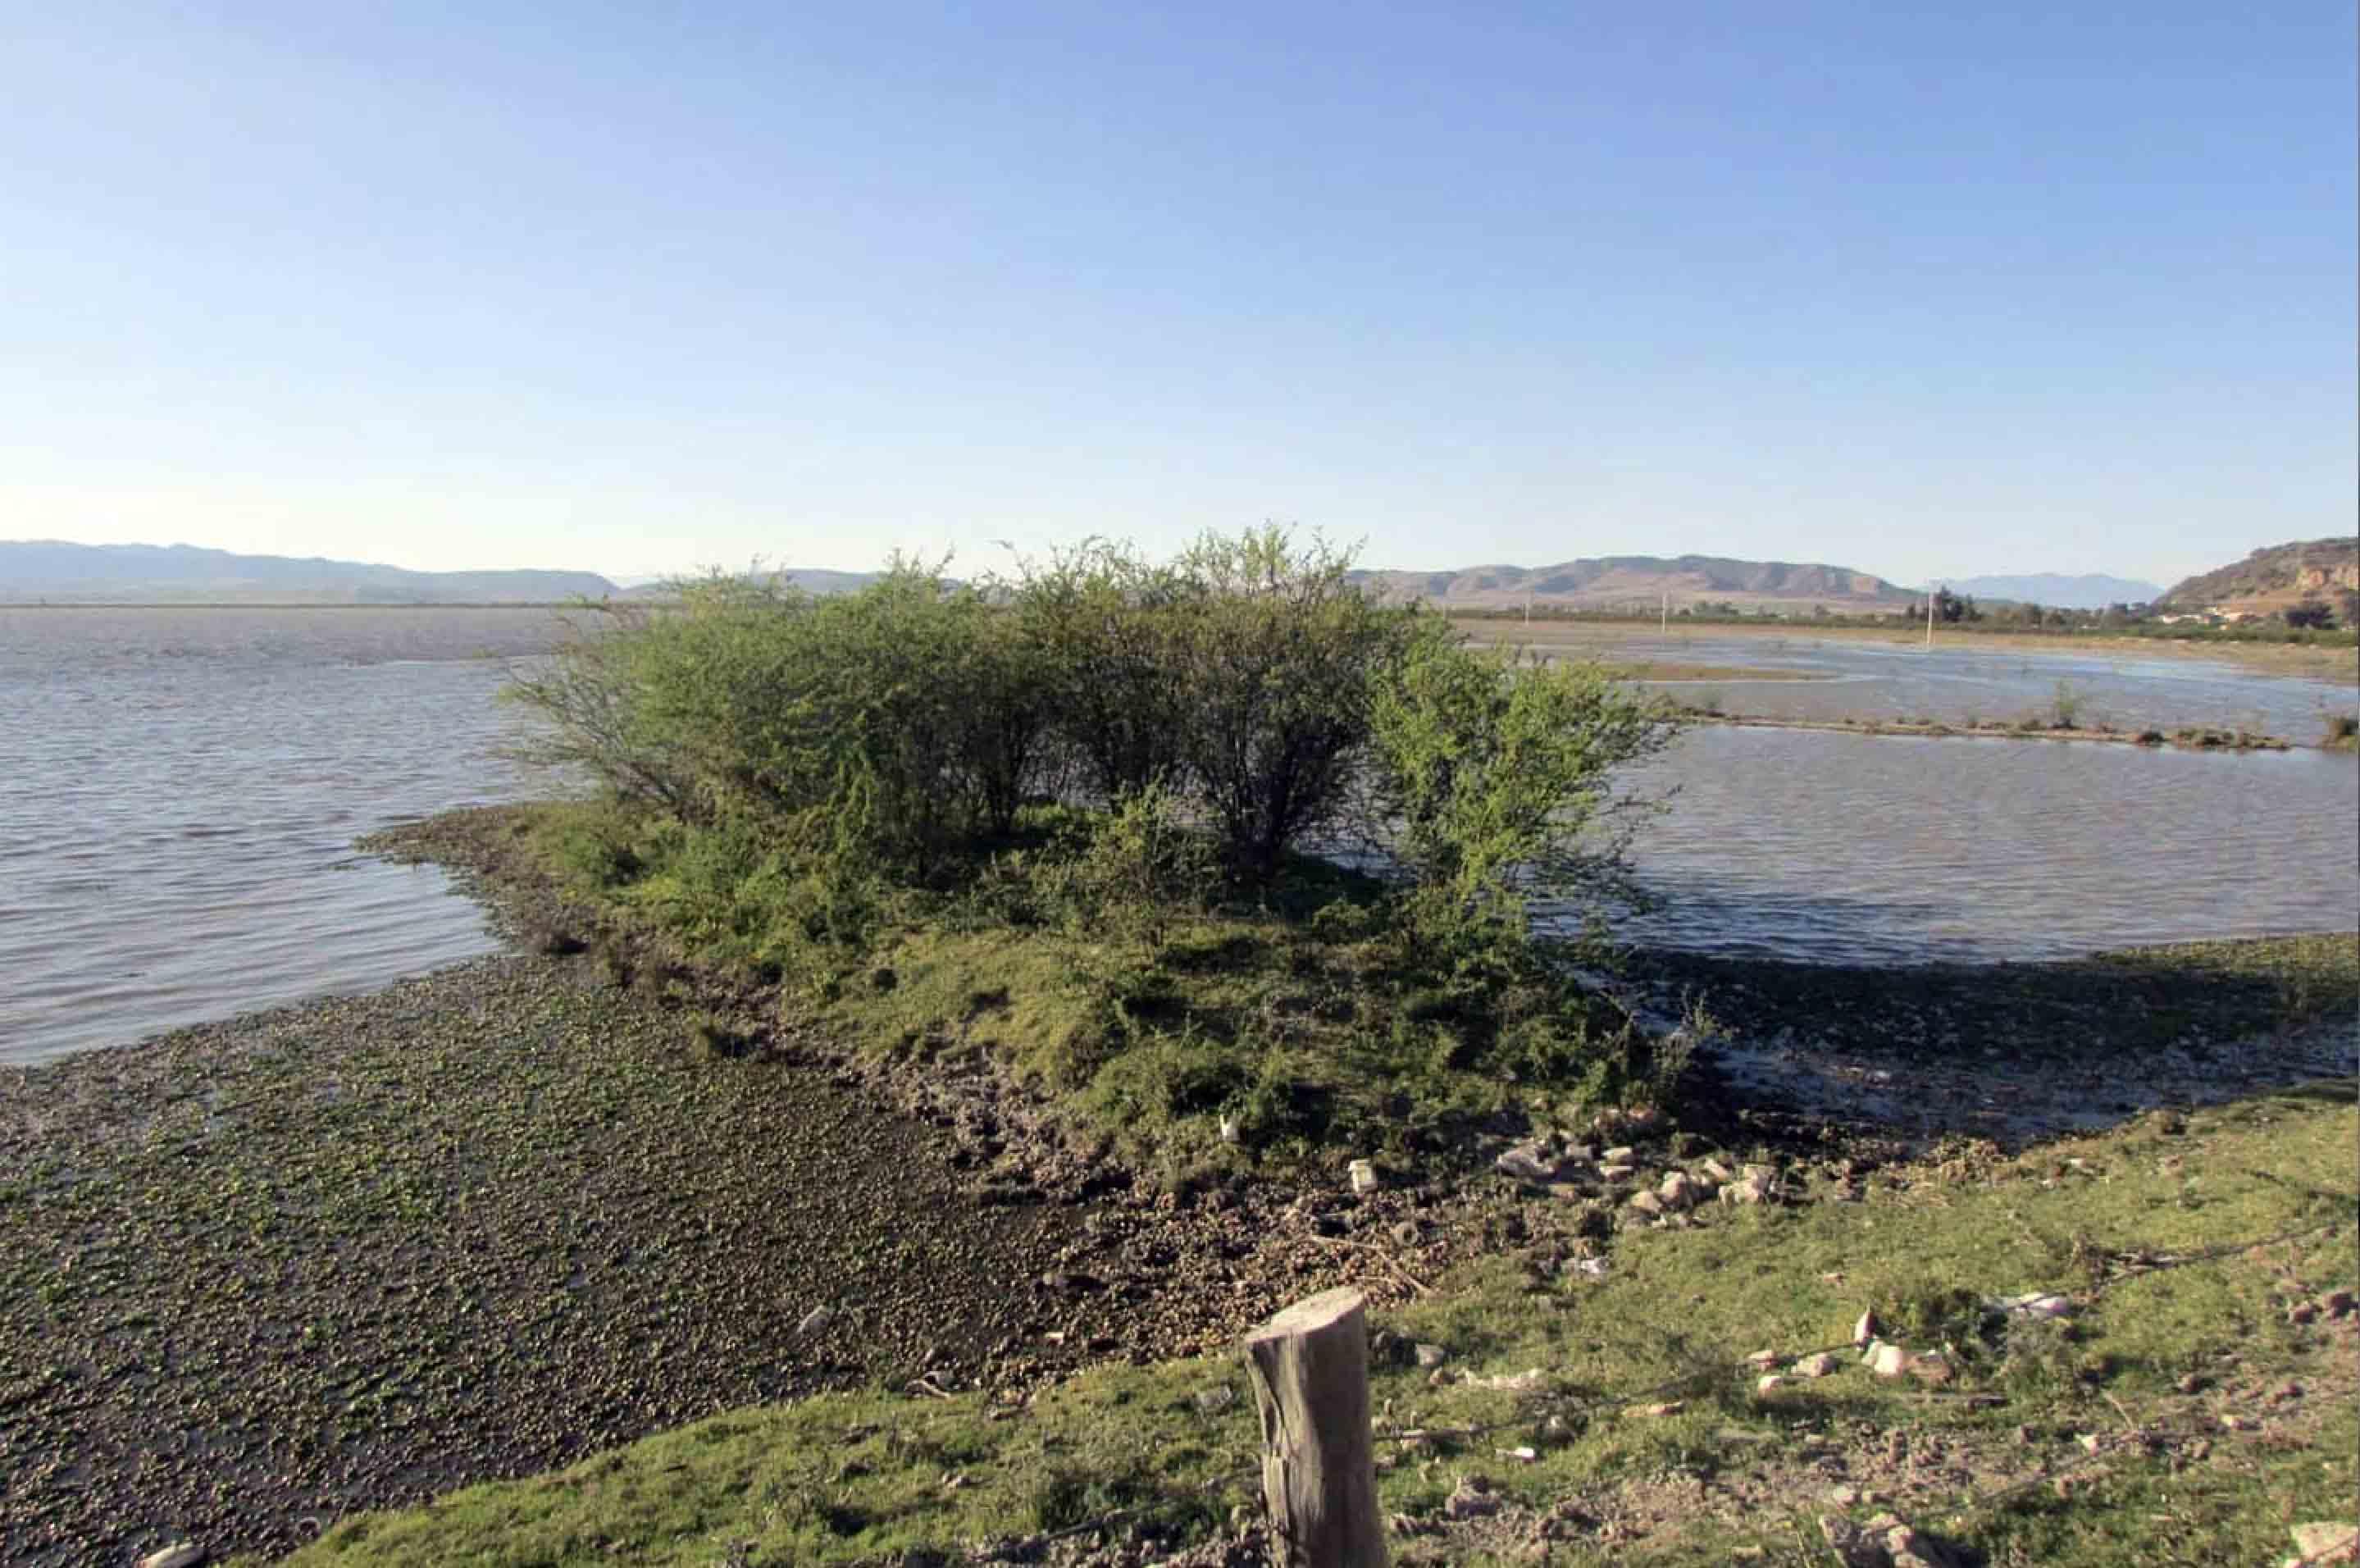 Vista panorámica de la ribera de la exlaguna de Magdalena.